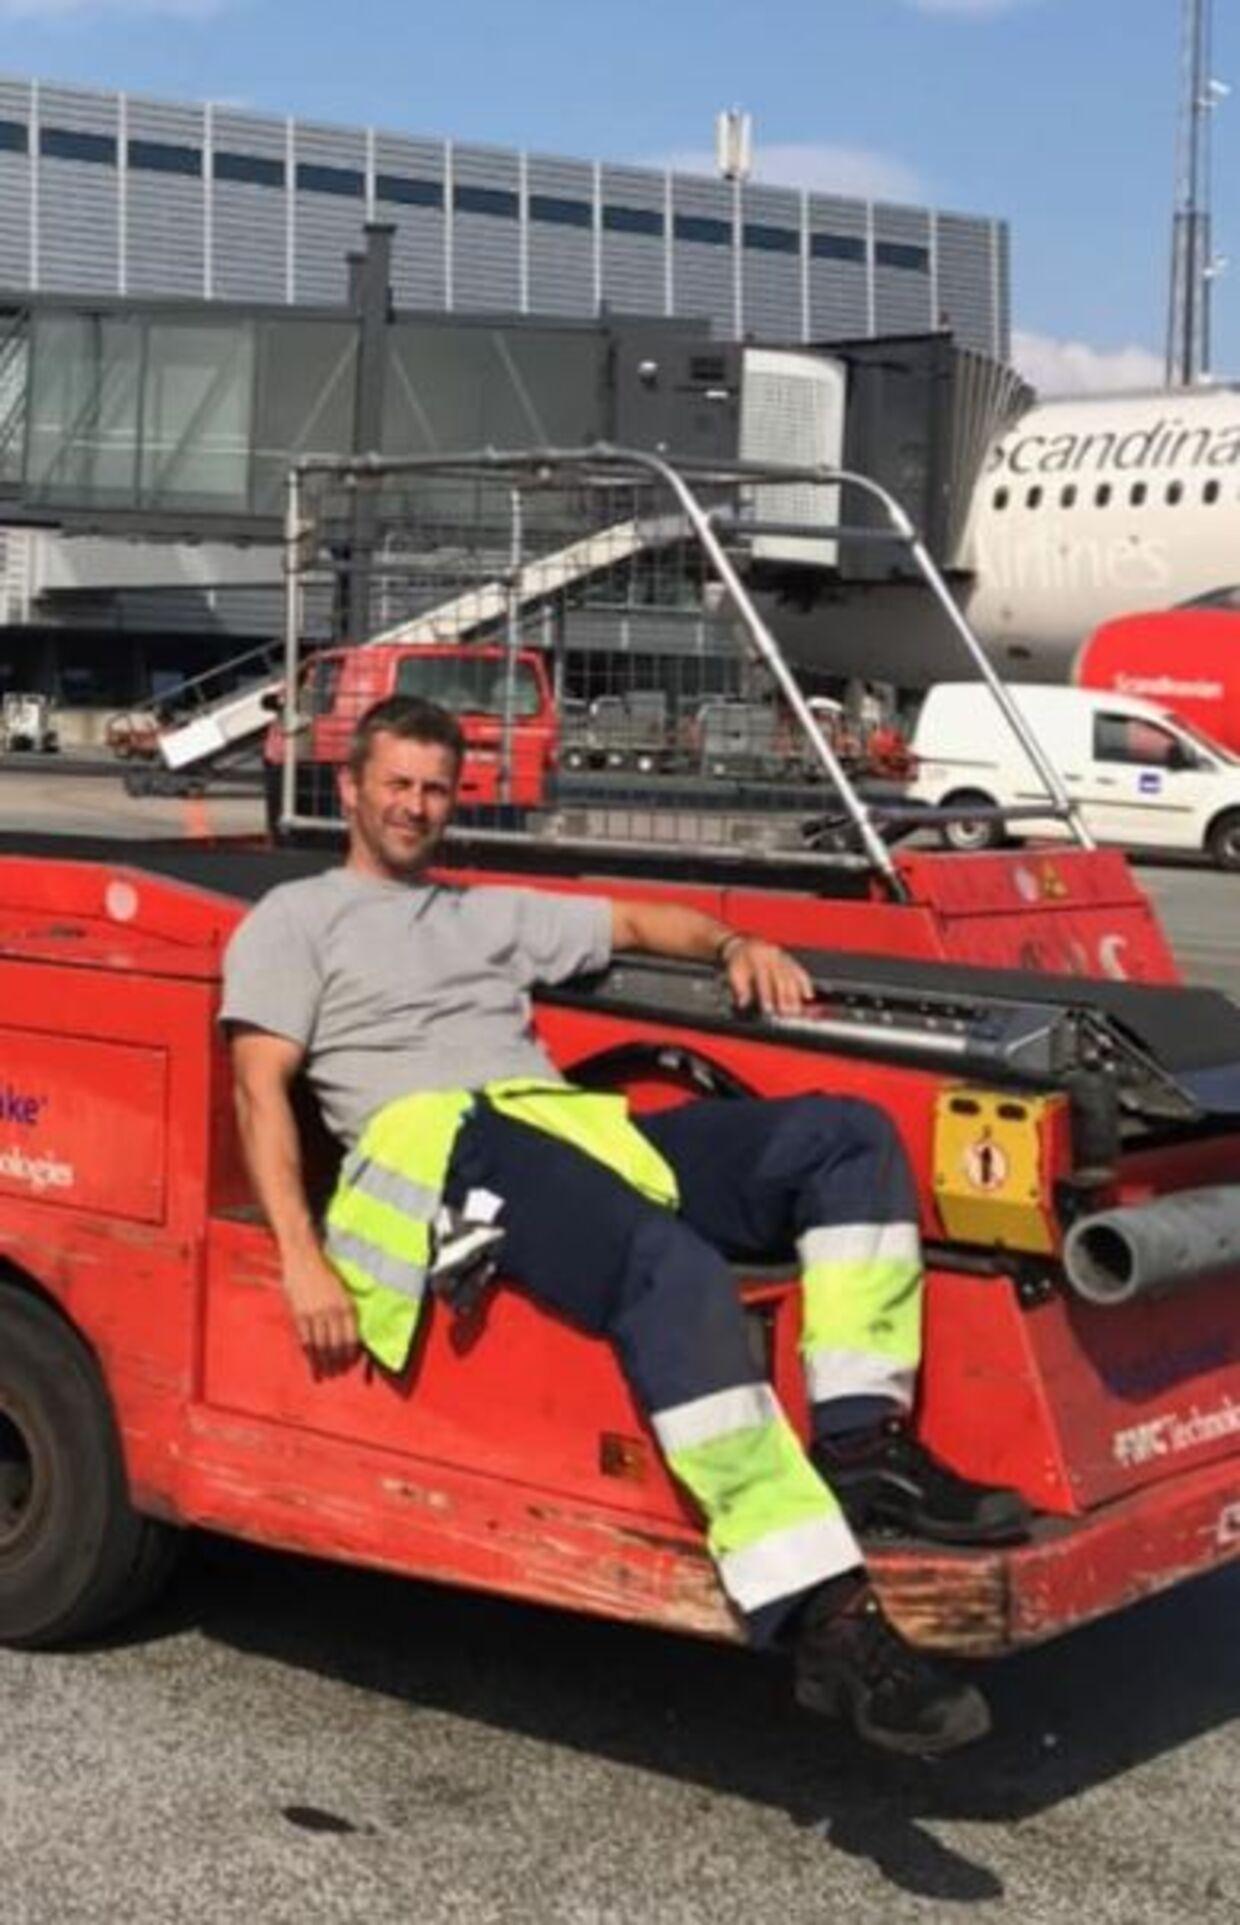 Paw Karslund nåede at arbejde 23 år i SAS, før en virus nedlagde hans arbejde.